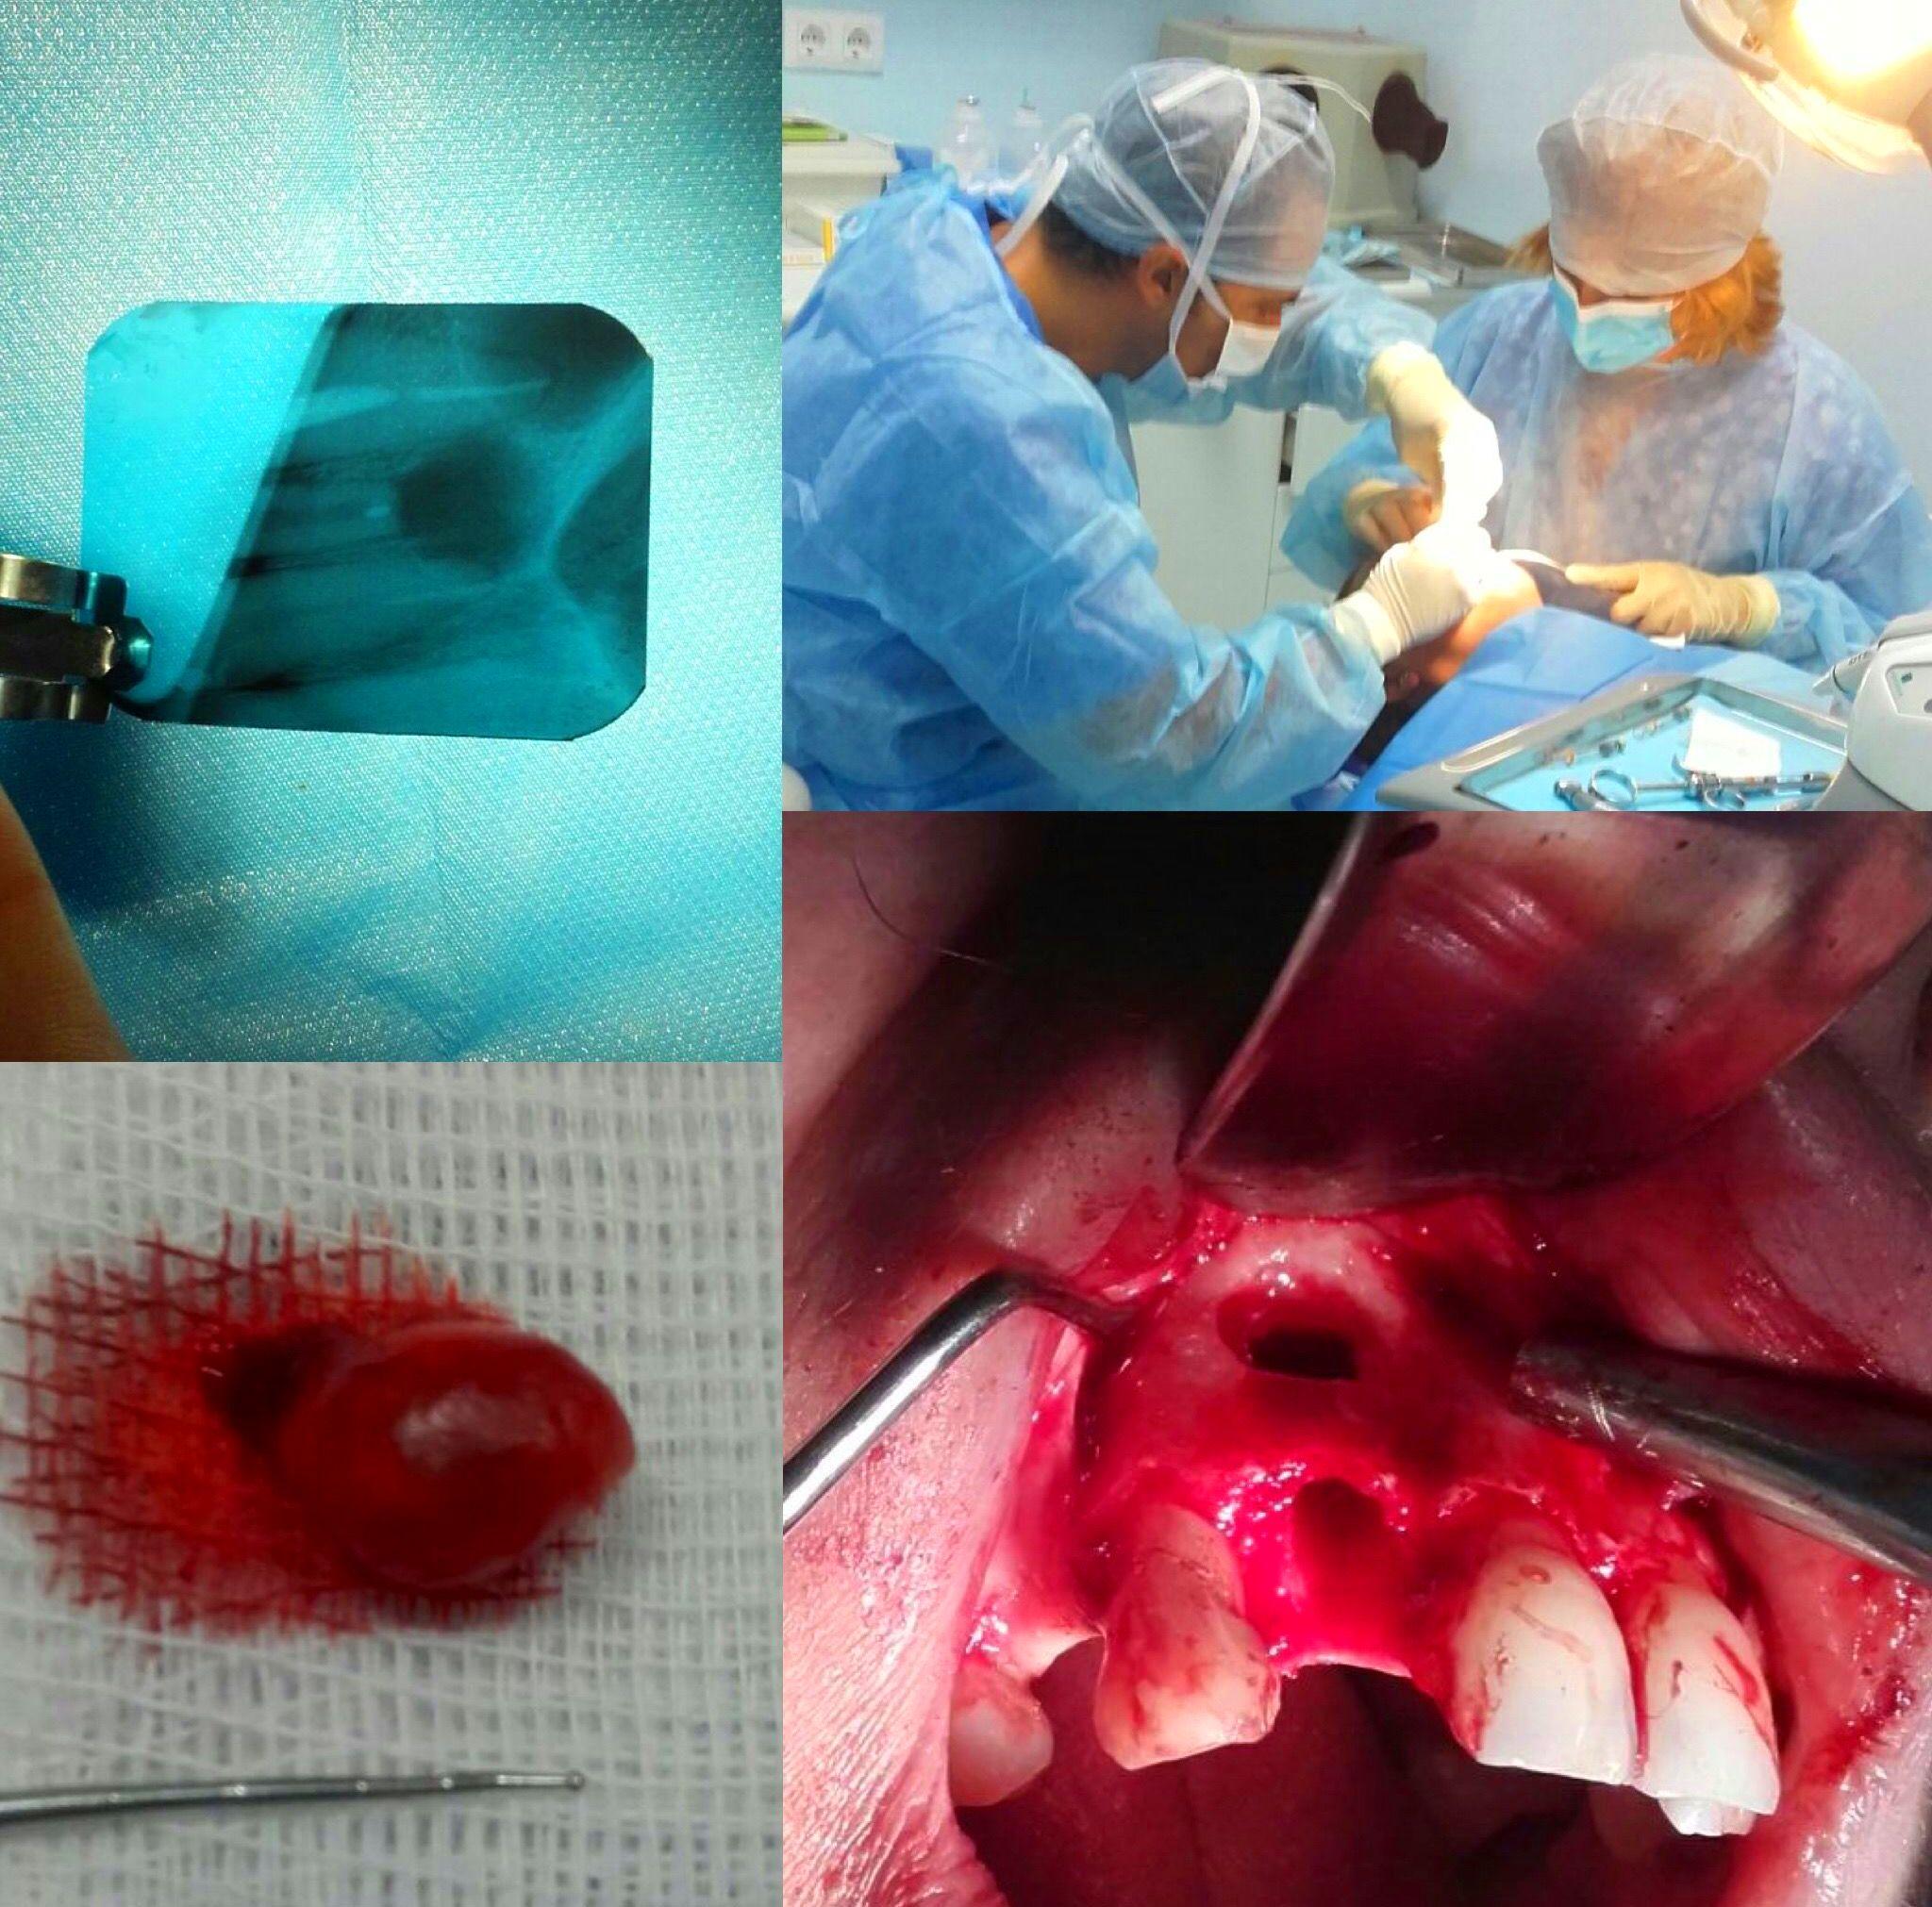 Cirugía dental: Especialidades de Clínica Dental Dr. Juan Luis Sánchez